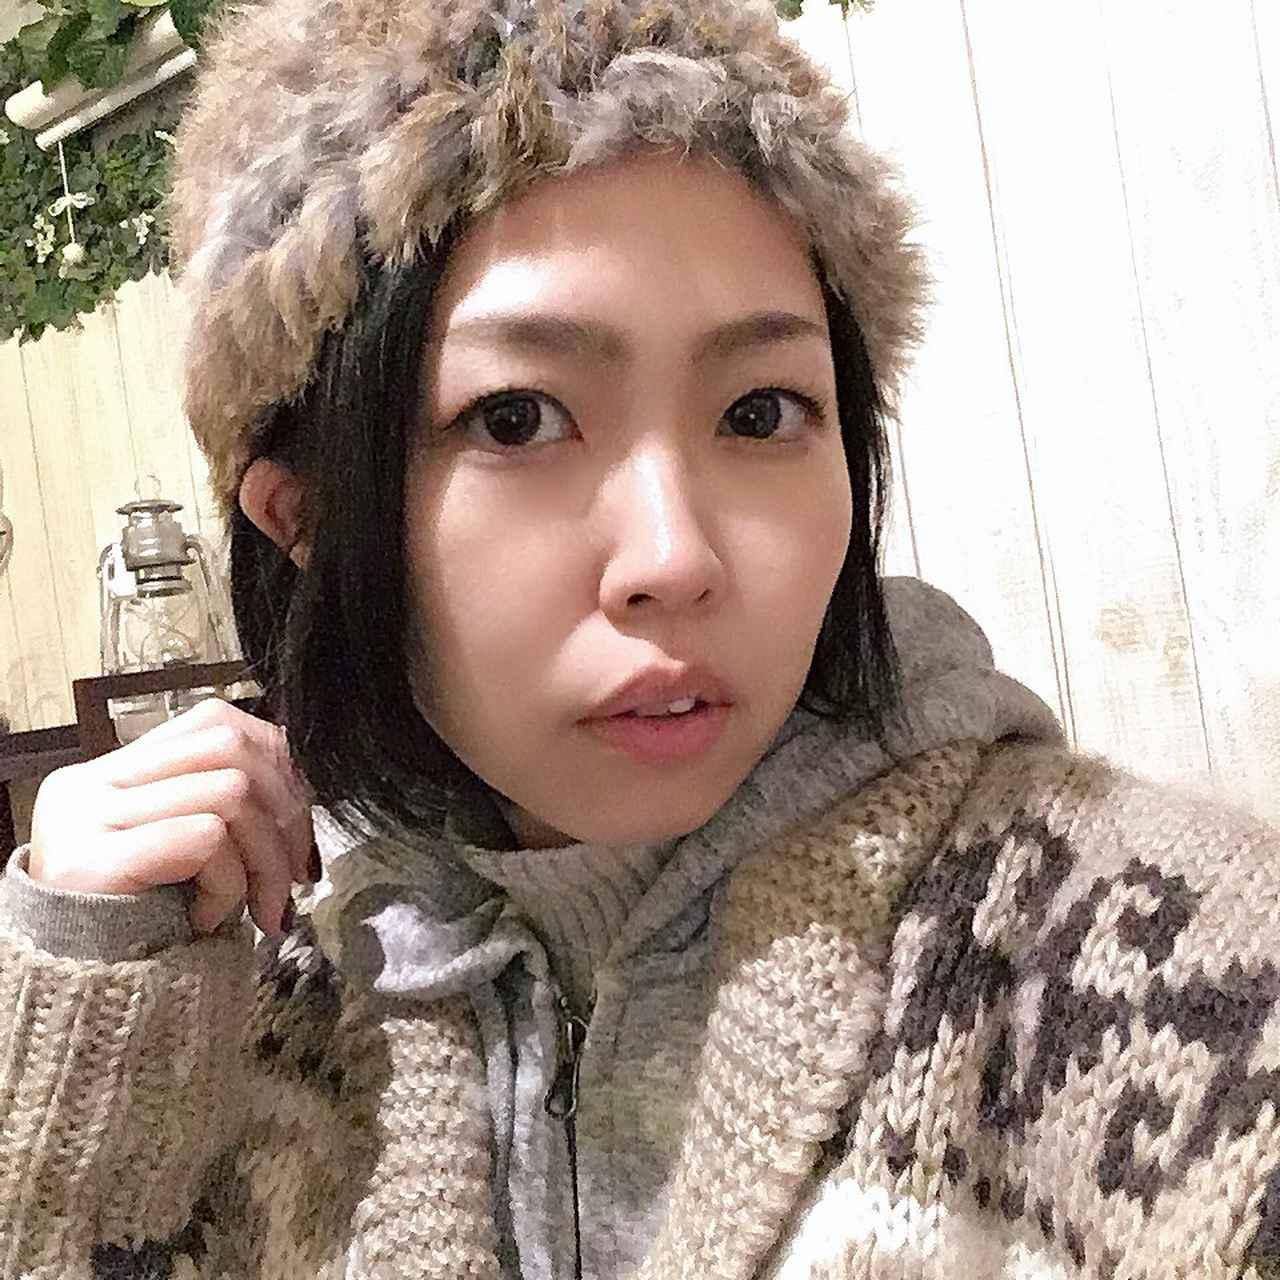 画像2: 筆者撮影 http://hamada-ayano.com/